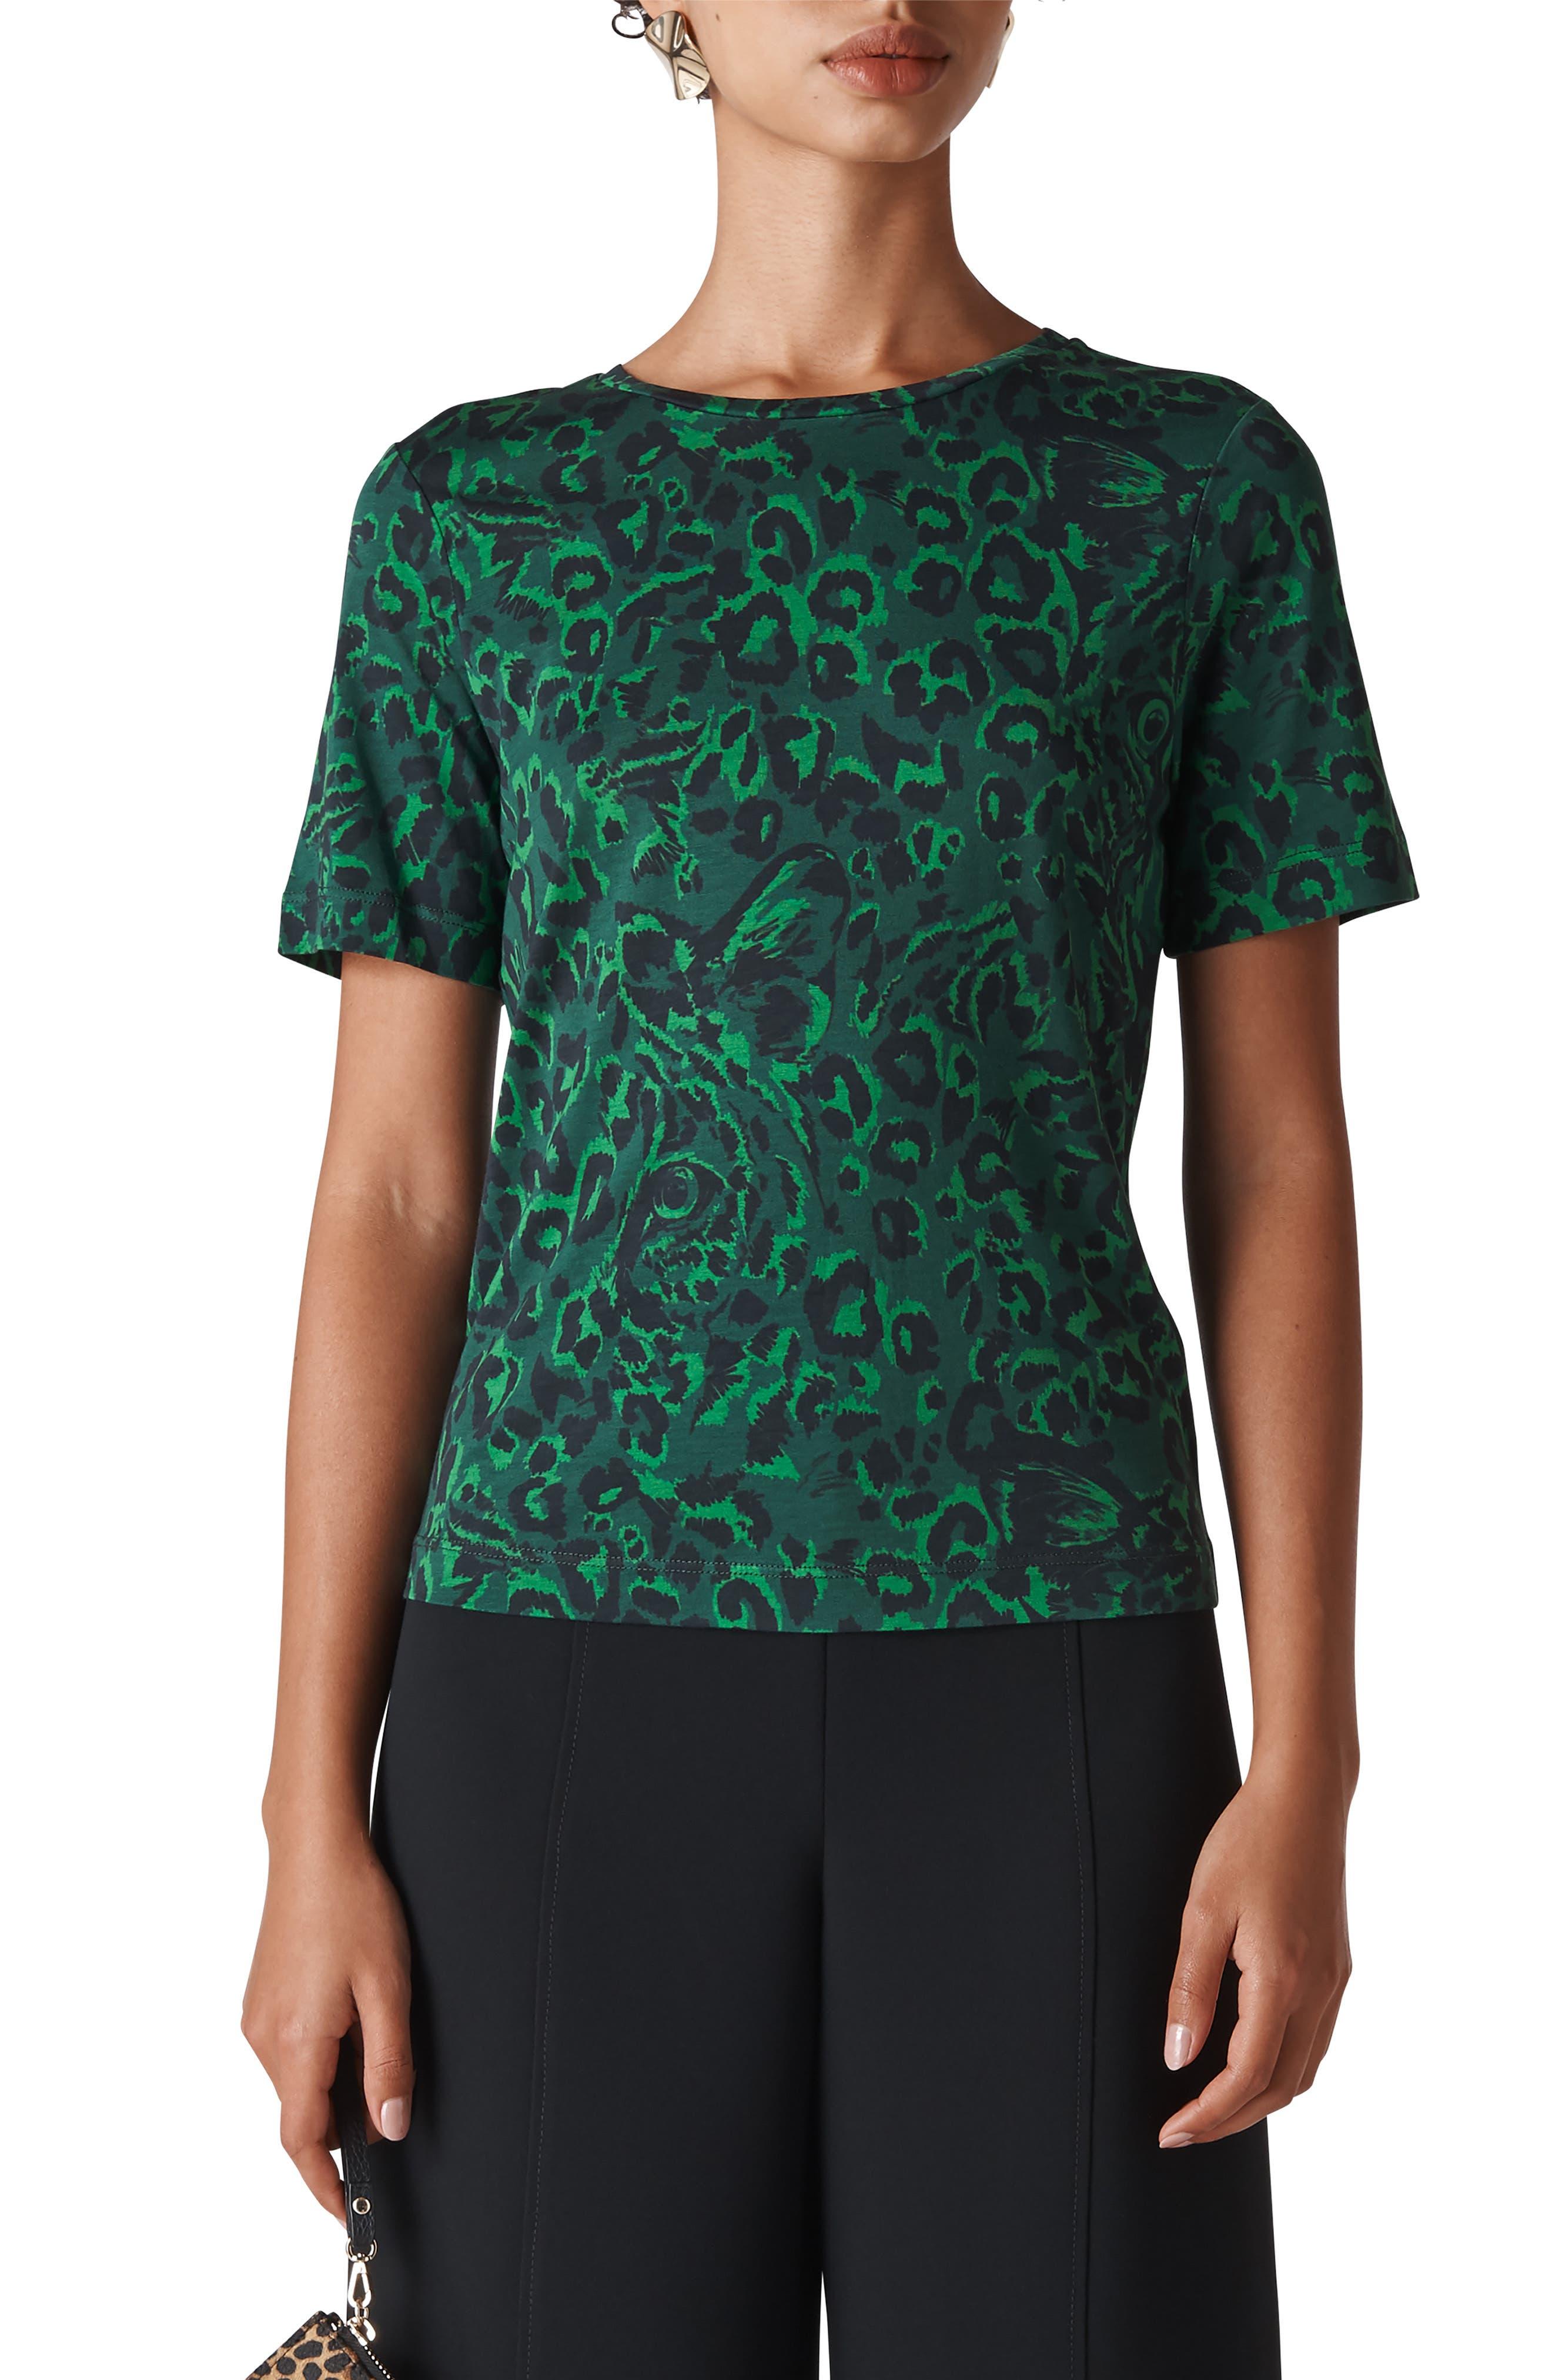 Jungle Cat Animal Print Tee in Green/ Multi